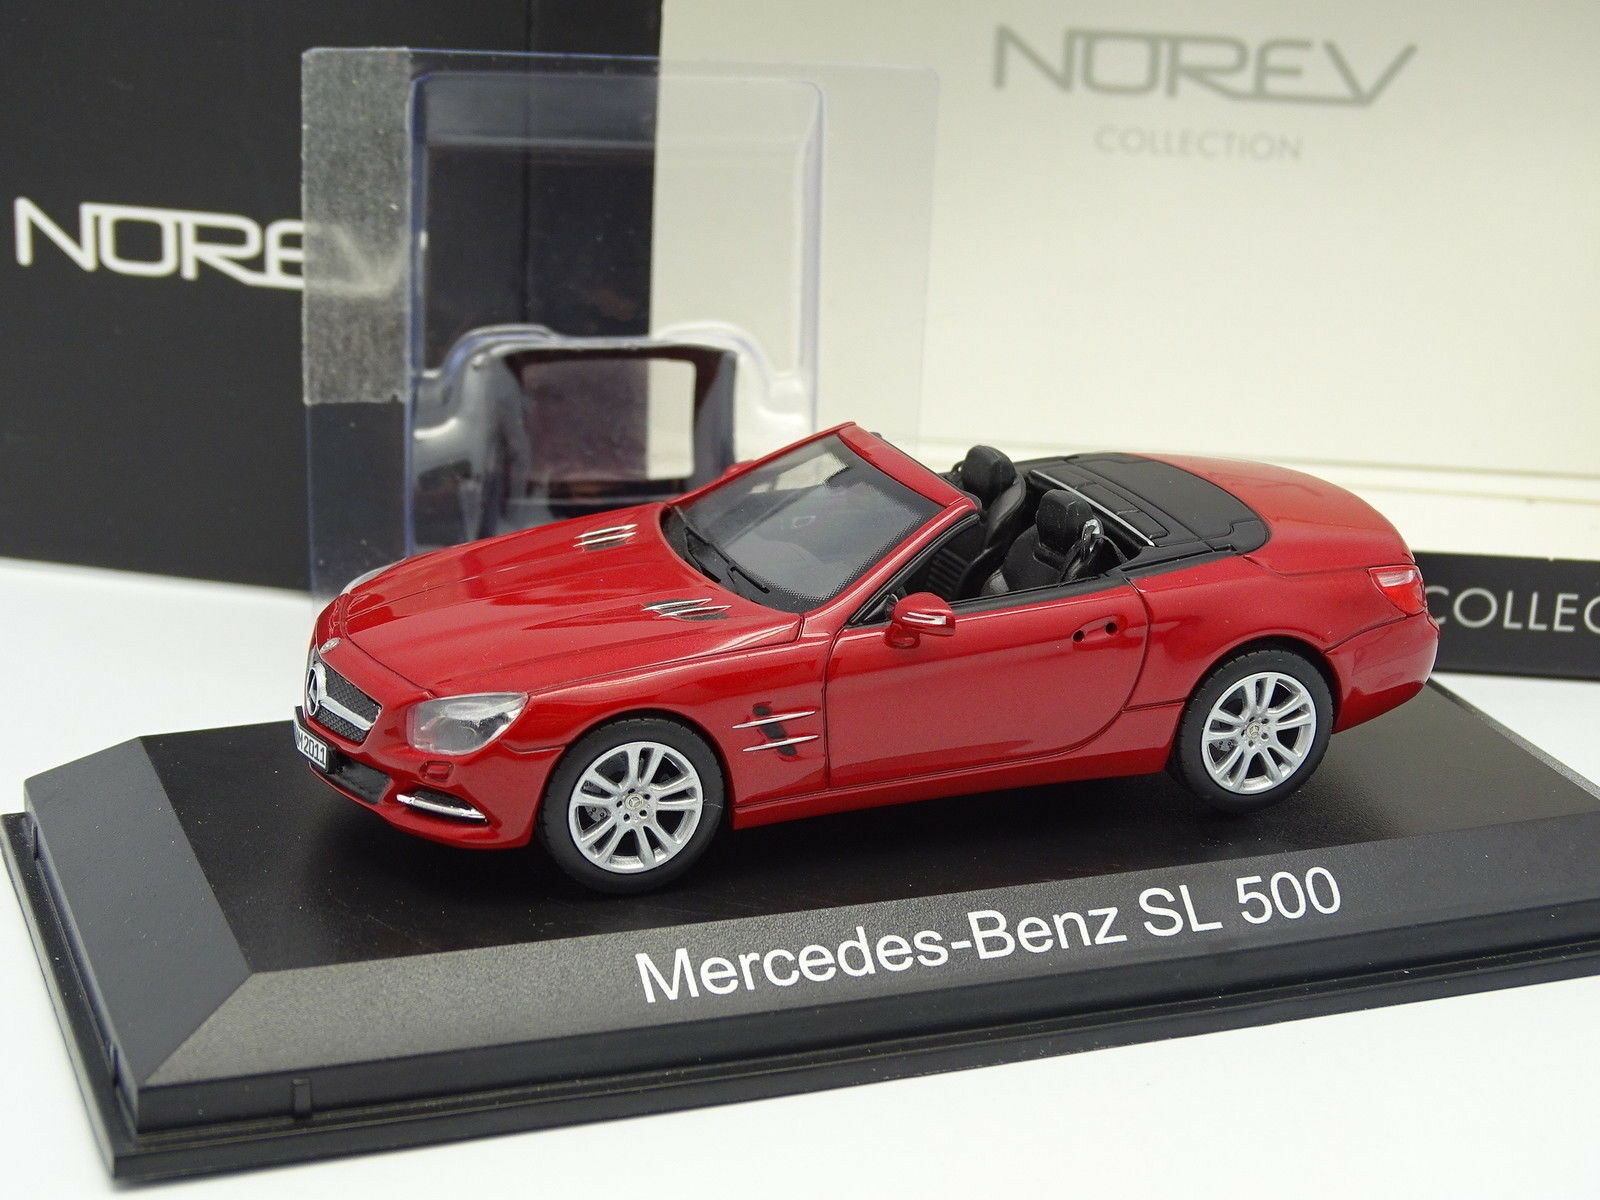 Norev 1 43 - Mercedes SL 500 Red